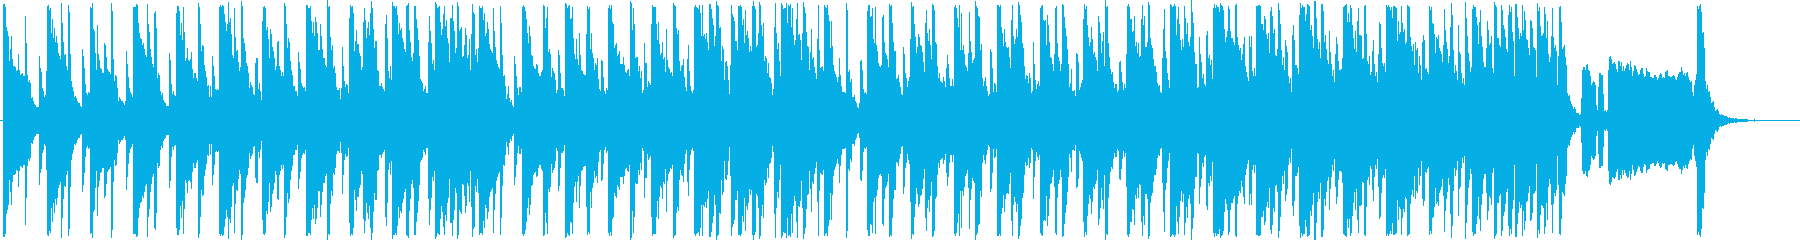 ほのぼの系シンセ・ピアノなど短めの再生済みの波形